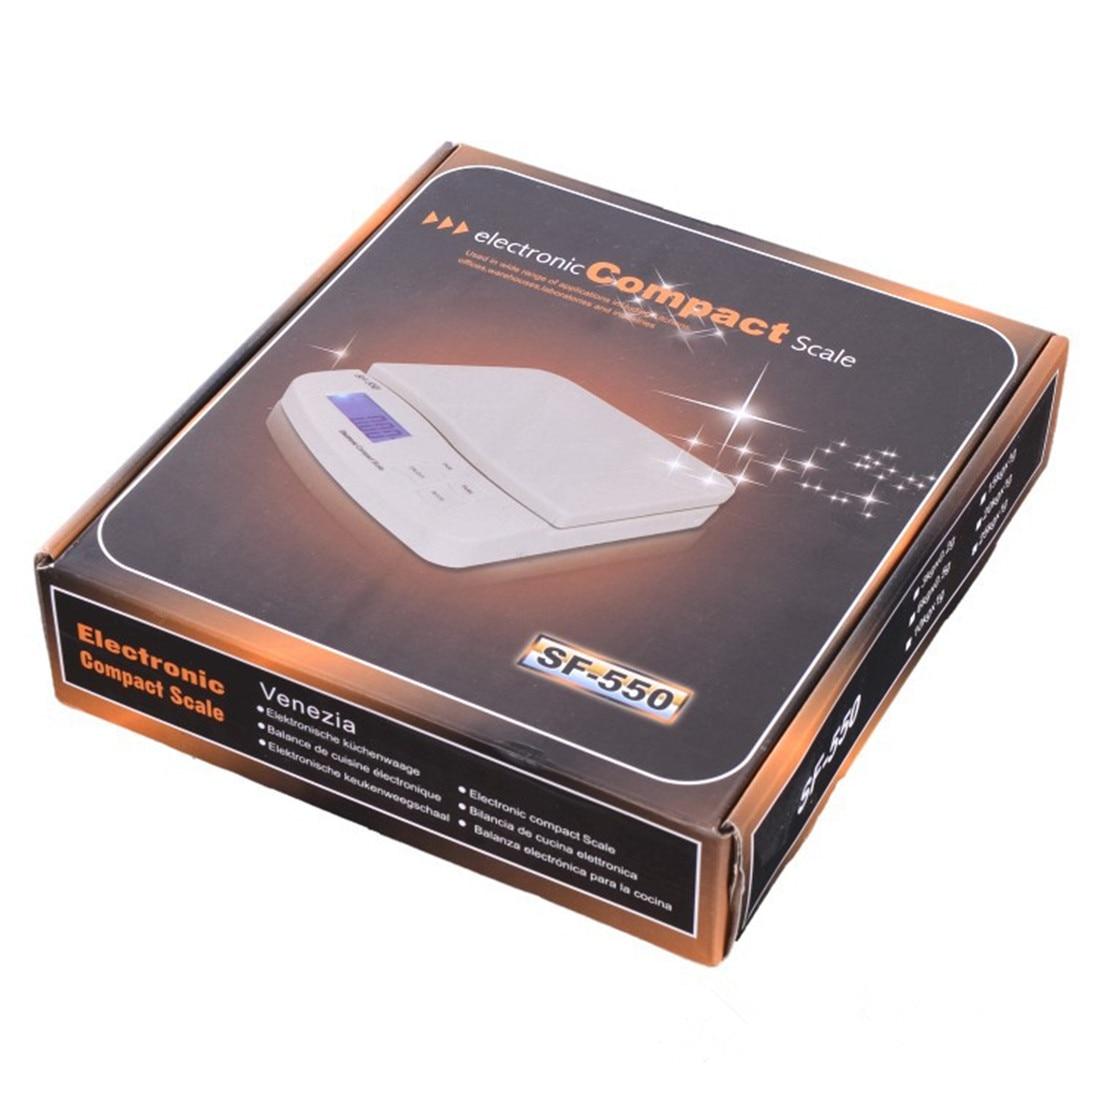 25 kg/1g alimentaire régime échelle numérique LCD rétro-éclairage électronique alimentaire régime cuisine poids Balance haute précision bijoux offre spéciale - 6